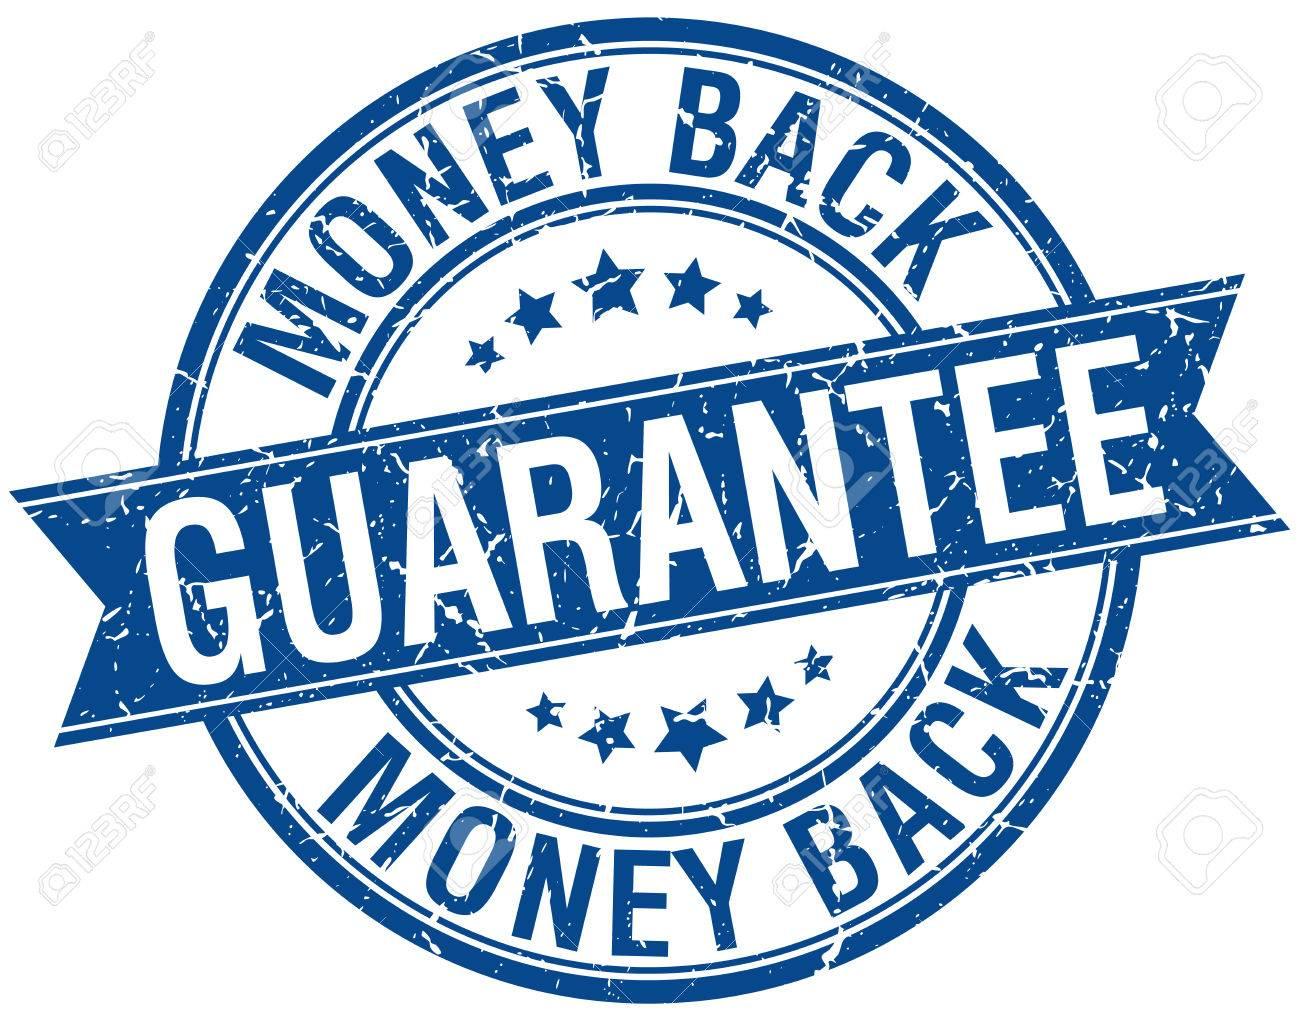 money back guarantee grunge retro blue isolated ribbon stamp - 39178745